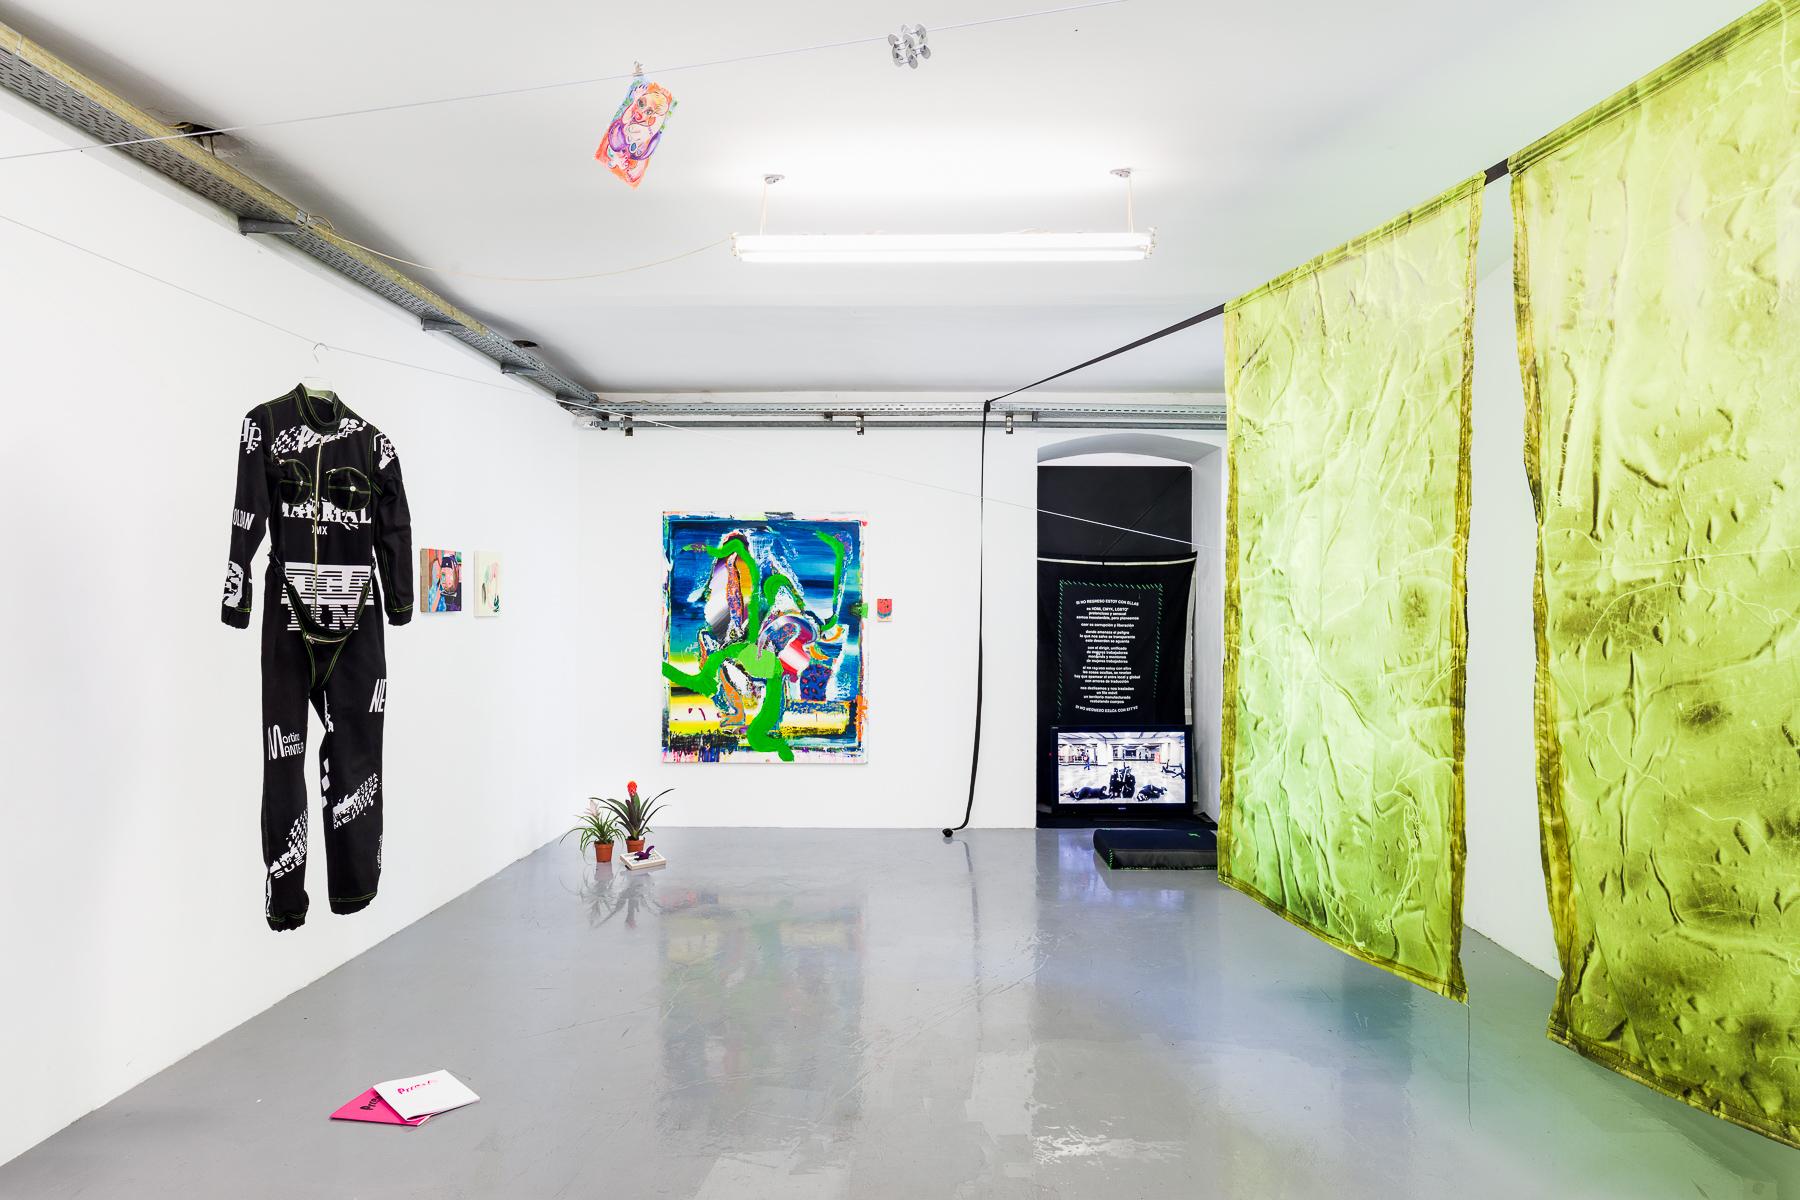 2019_07_23_Ebullicion_Kunstraum-am-Schauplatz_025_web.jpg